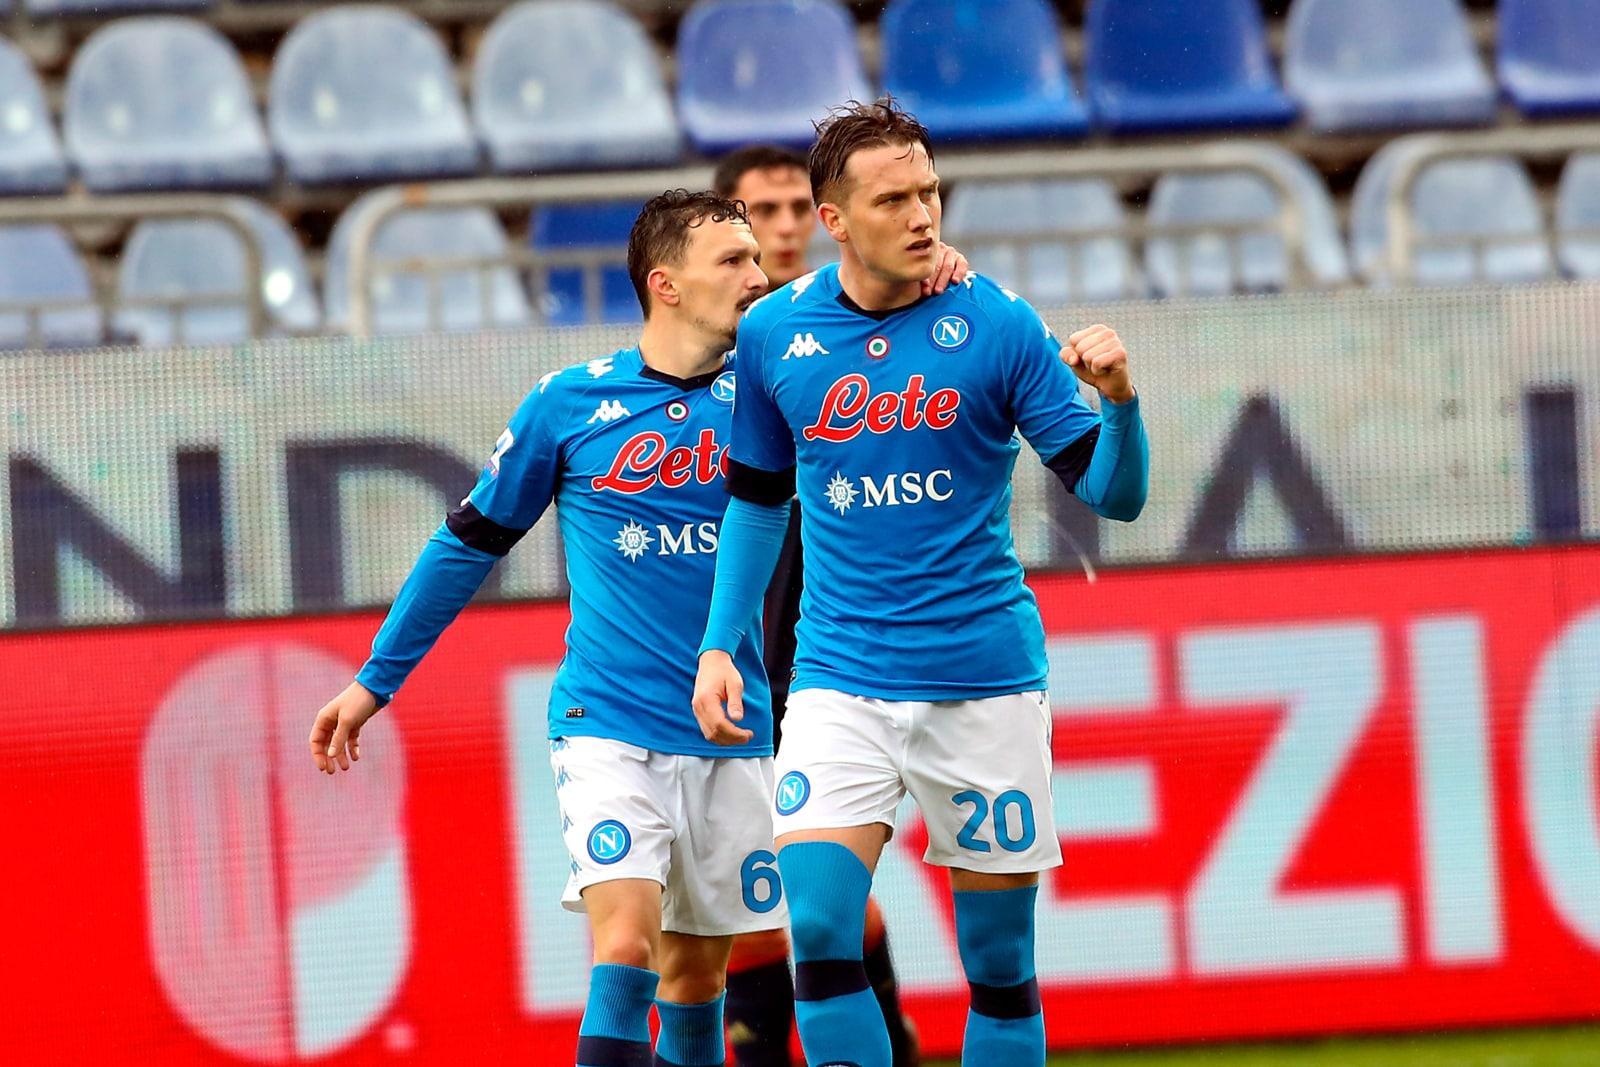 Il Napoli torna alla vittoria: Zielinski show nel 4-1 al Cagliari